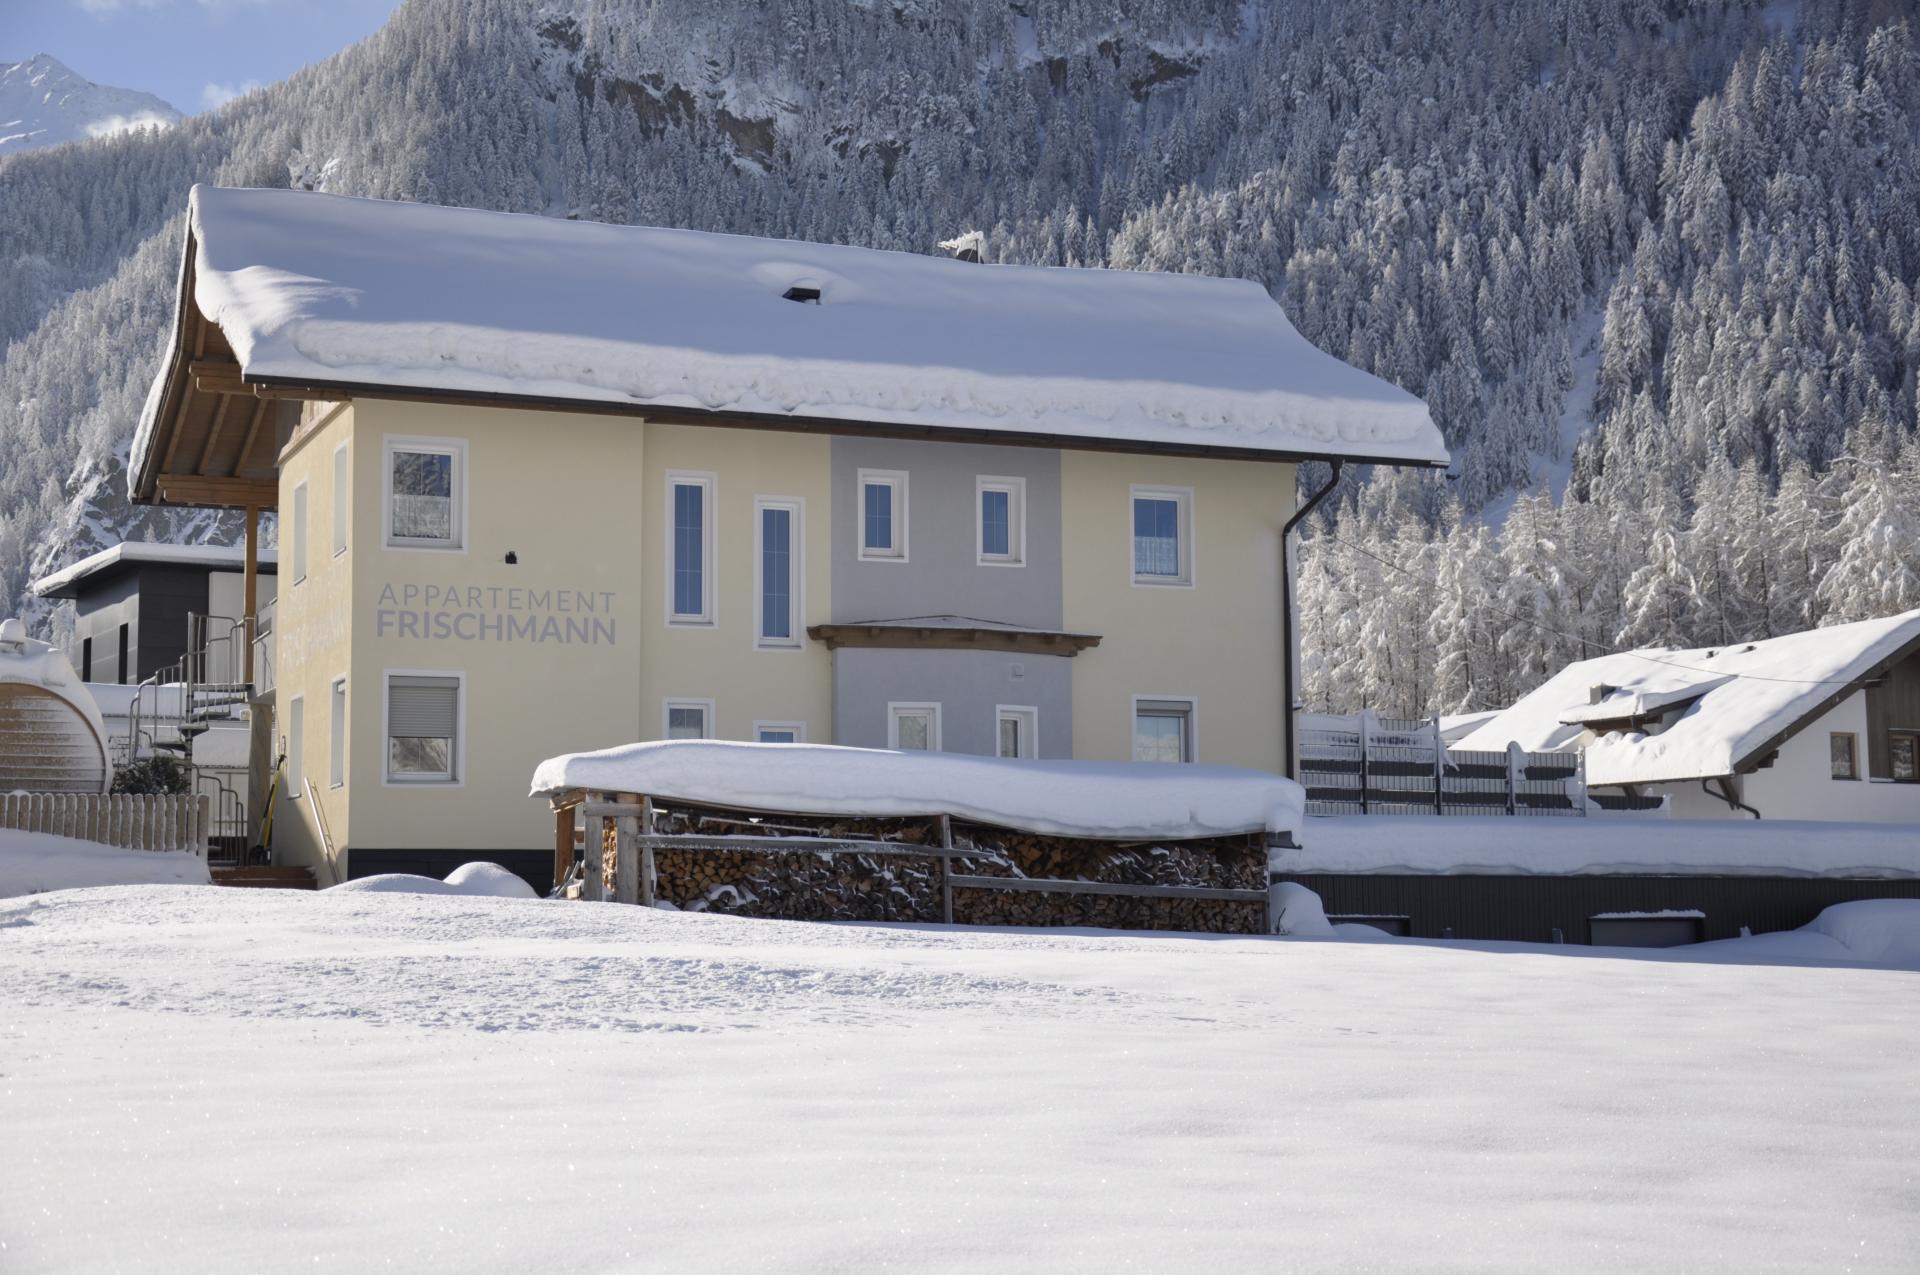 Appartement Frischmann #Willkommen#Bildergalerie#Winterurlaub#Anreise#Preise#Anfragen